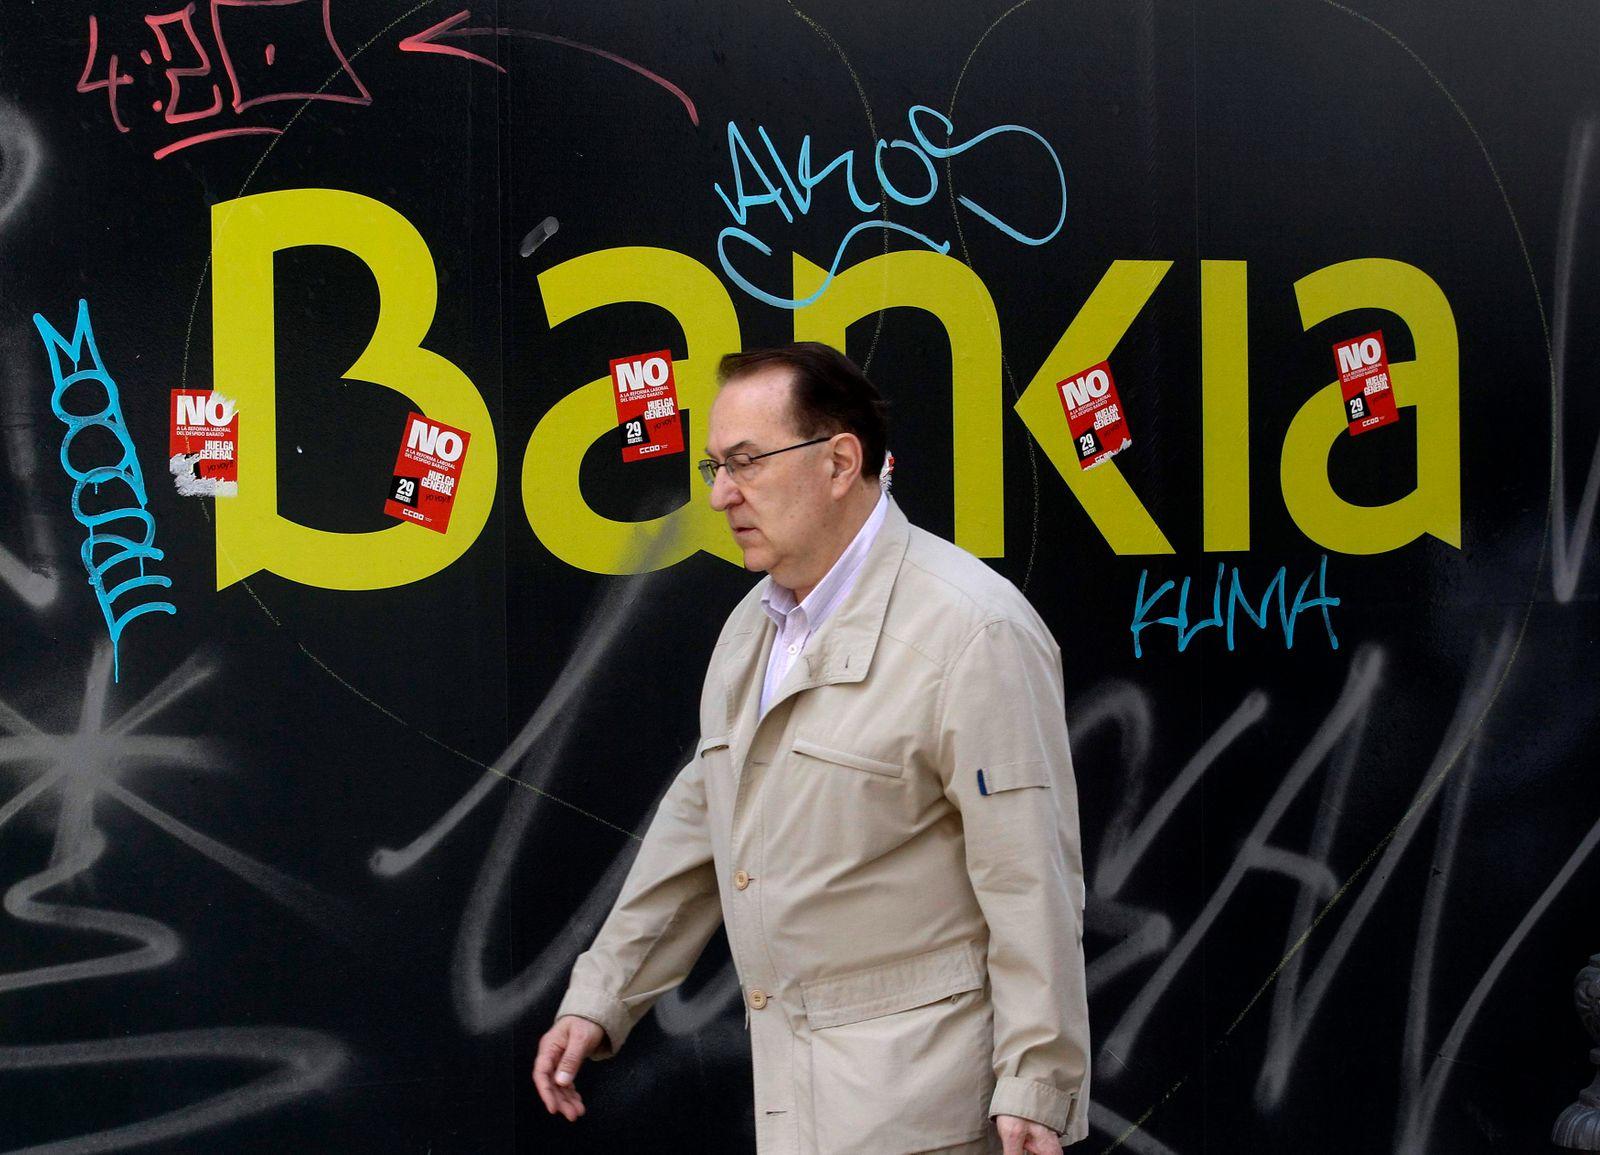 größte spanischen Banken / Bankia